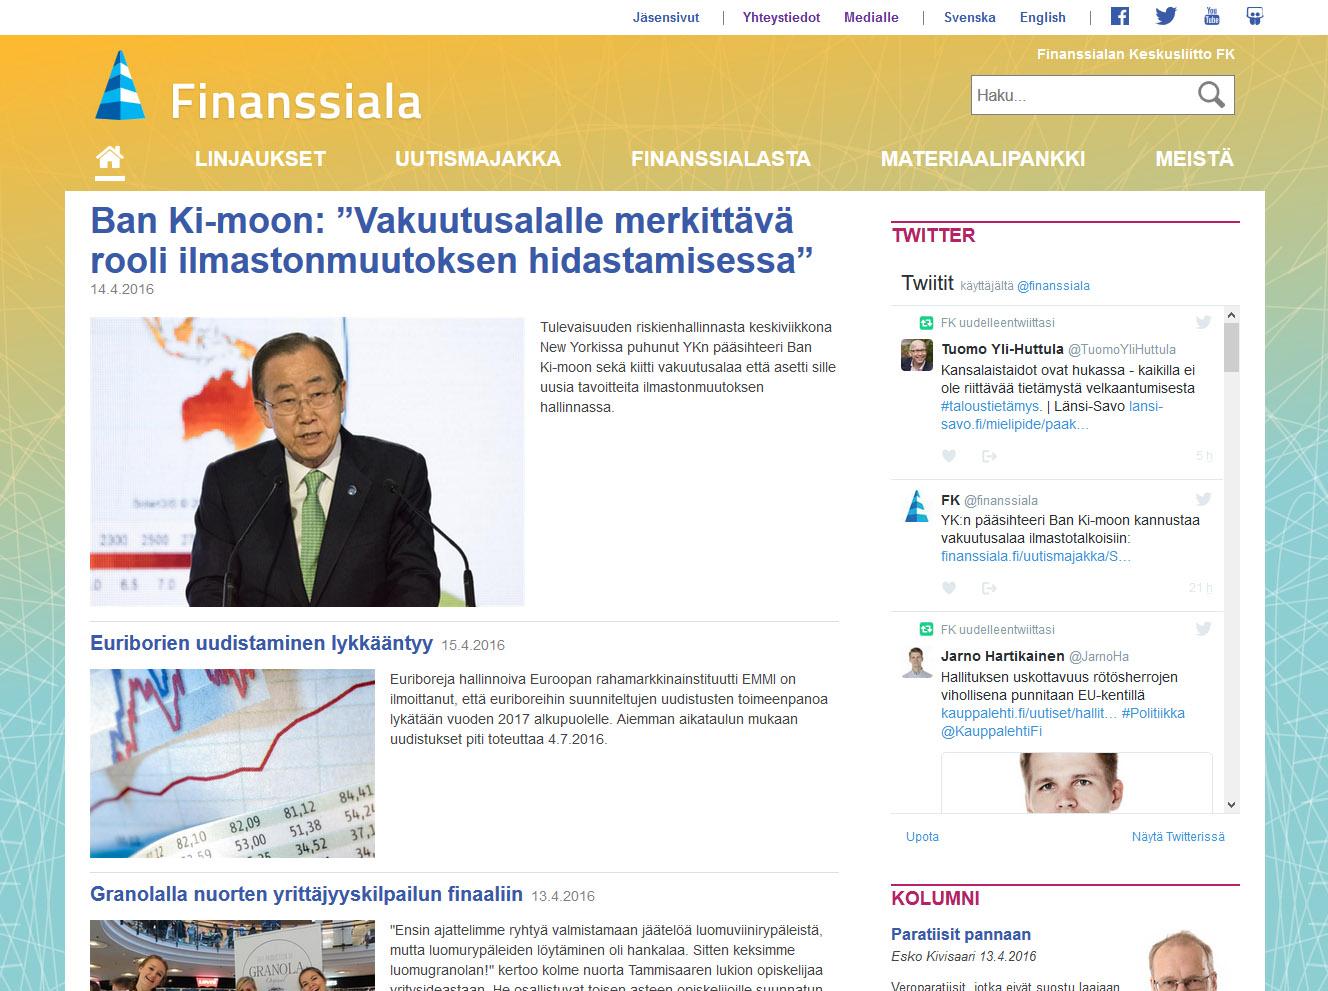 Case: Finanssiala.fi